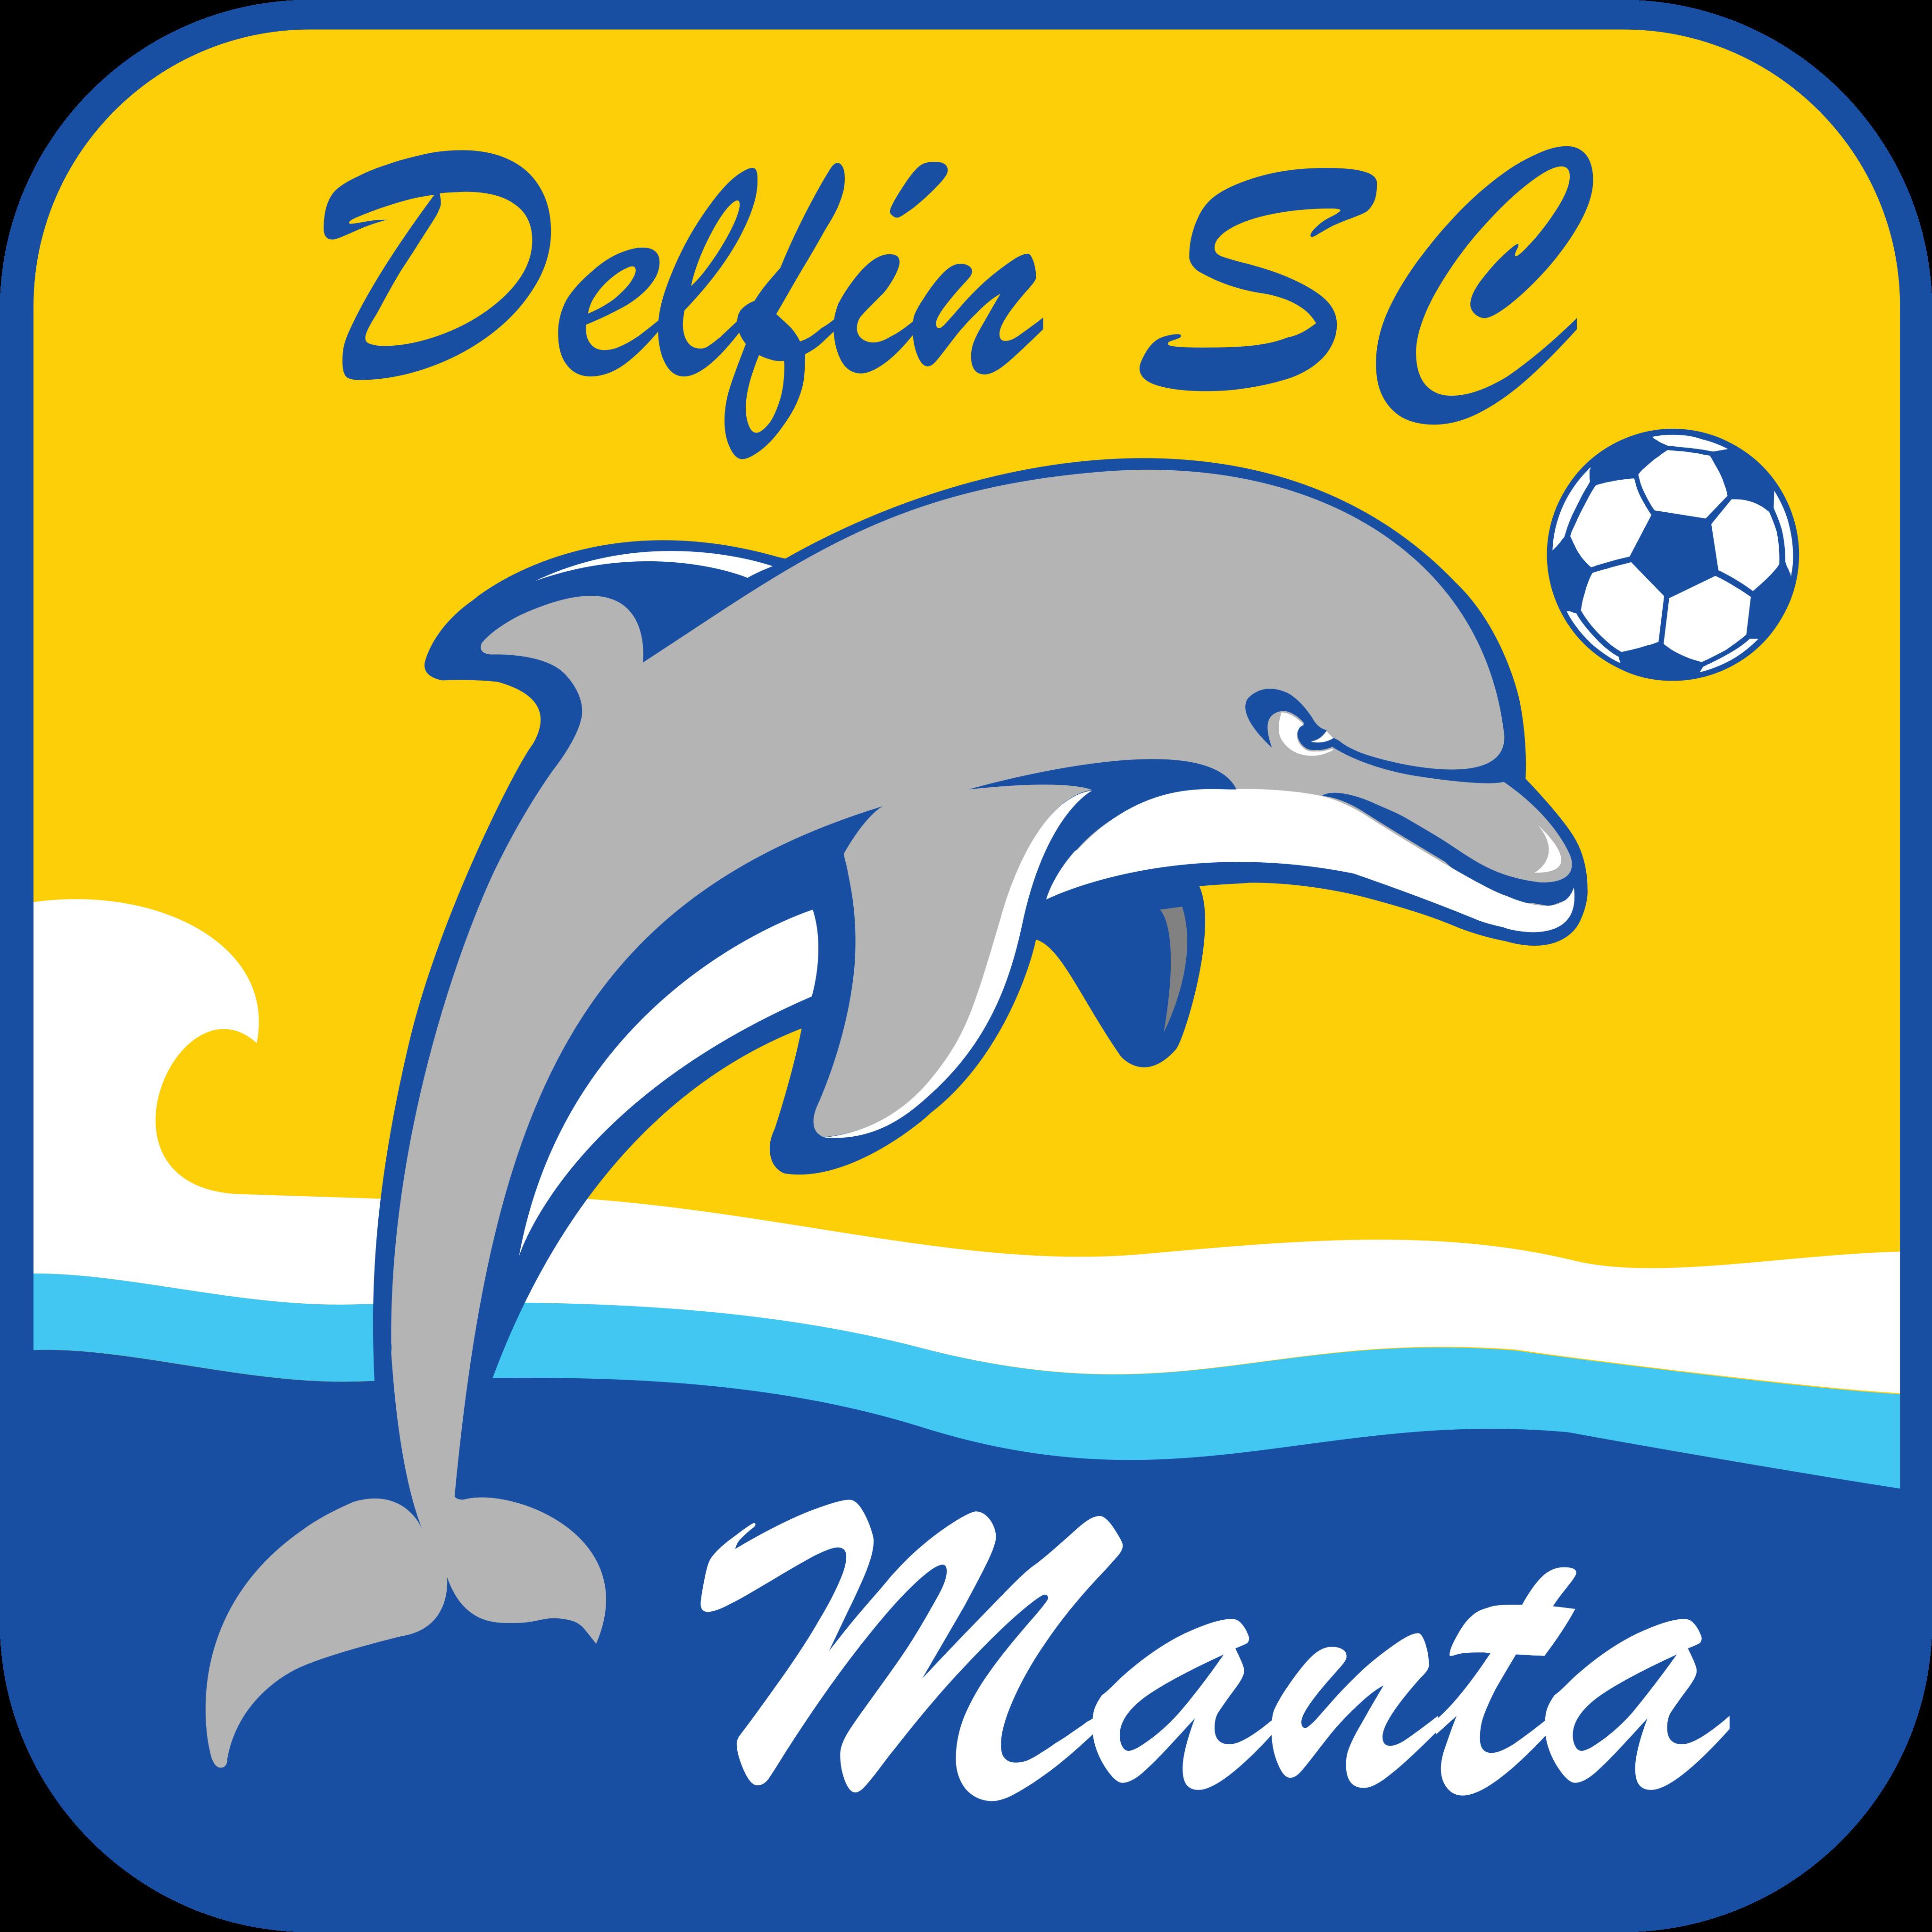 delfin sporting club logo - Delfin SC Logo – Escudo